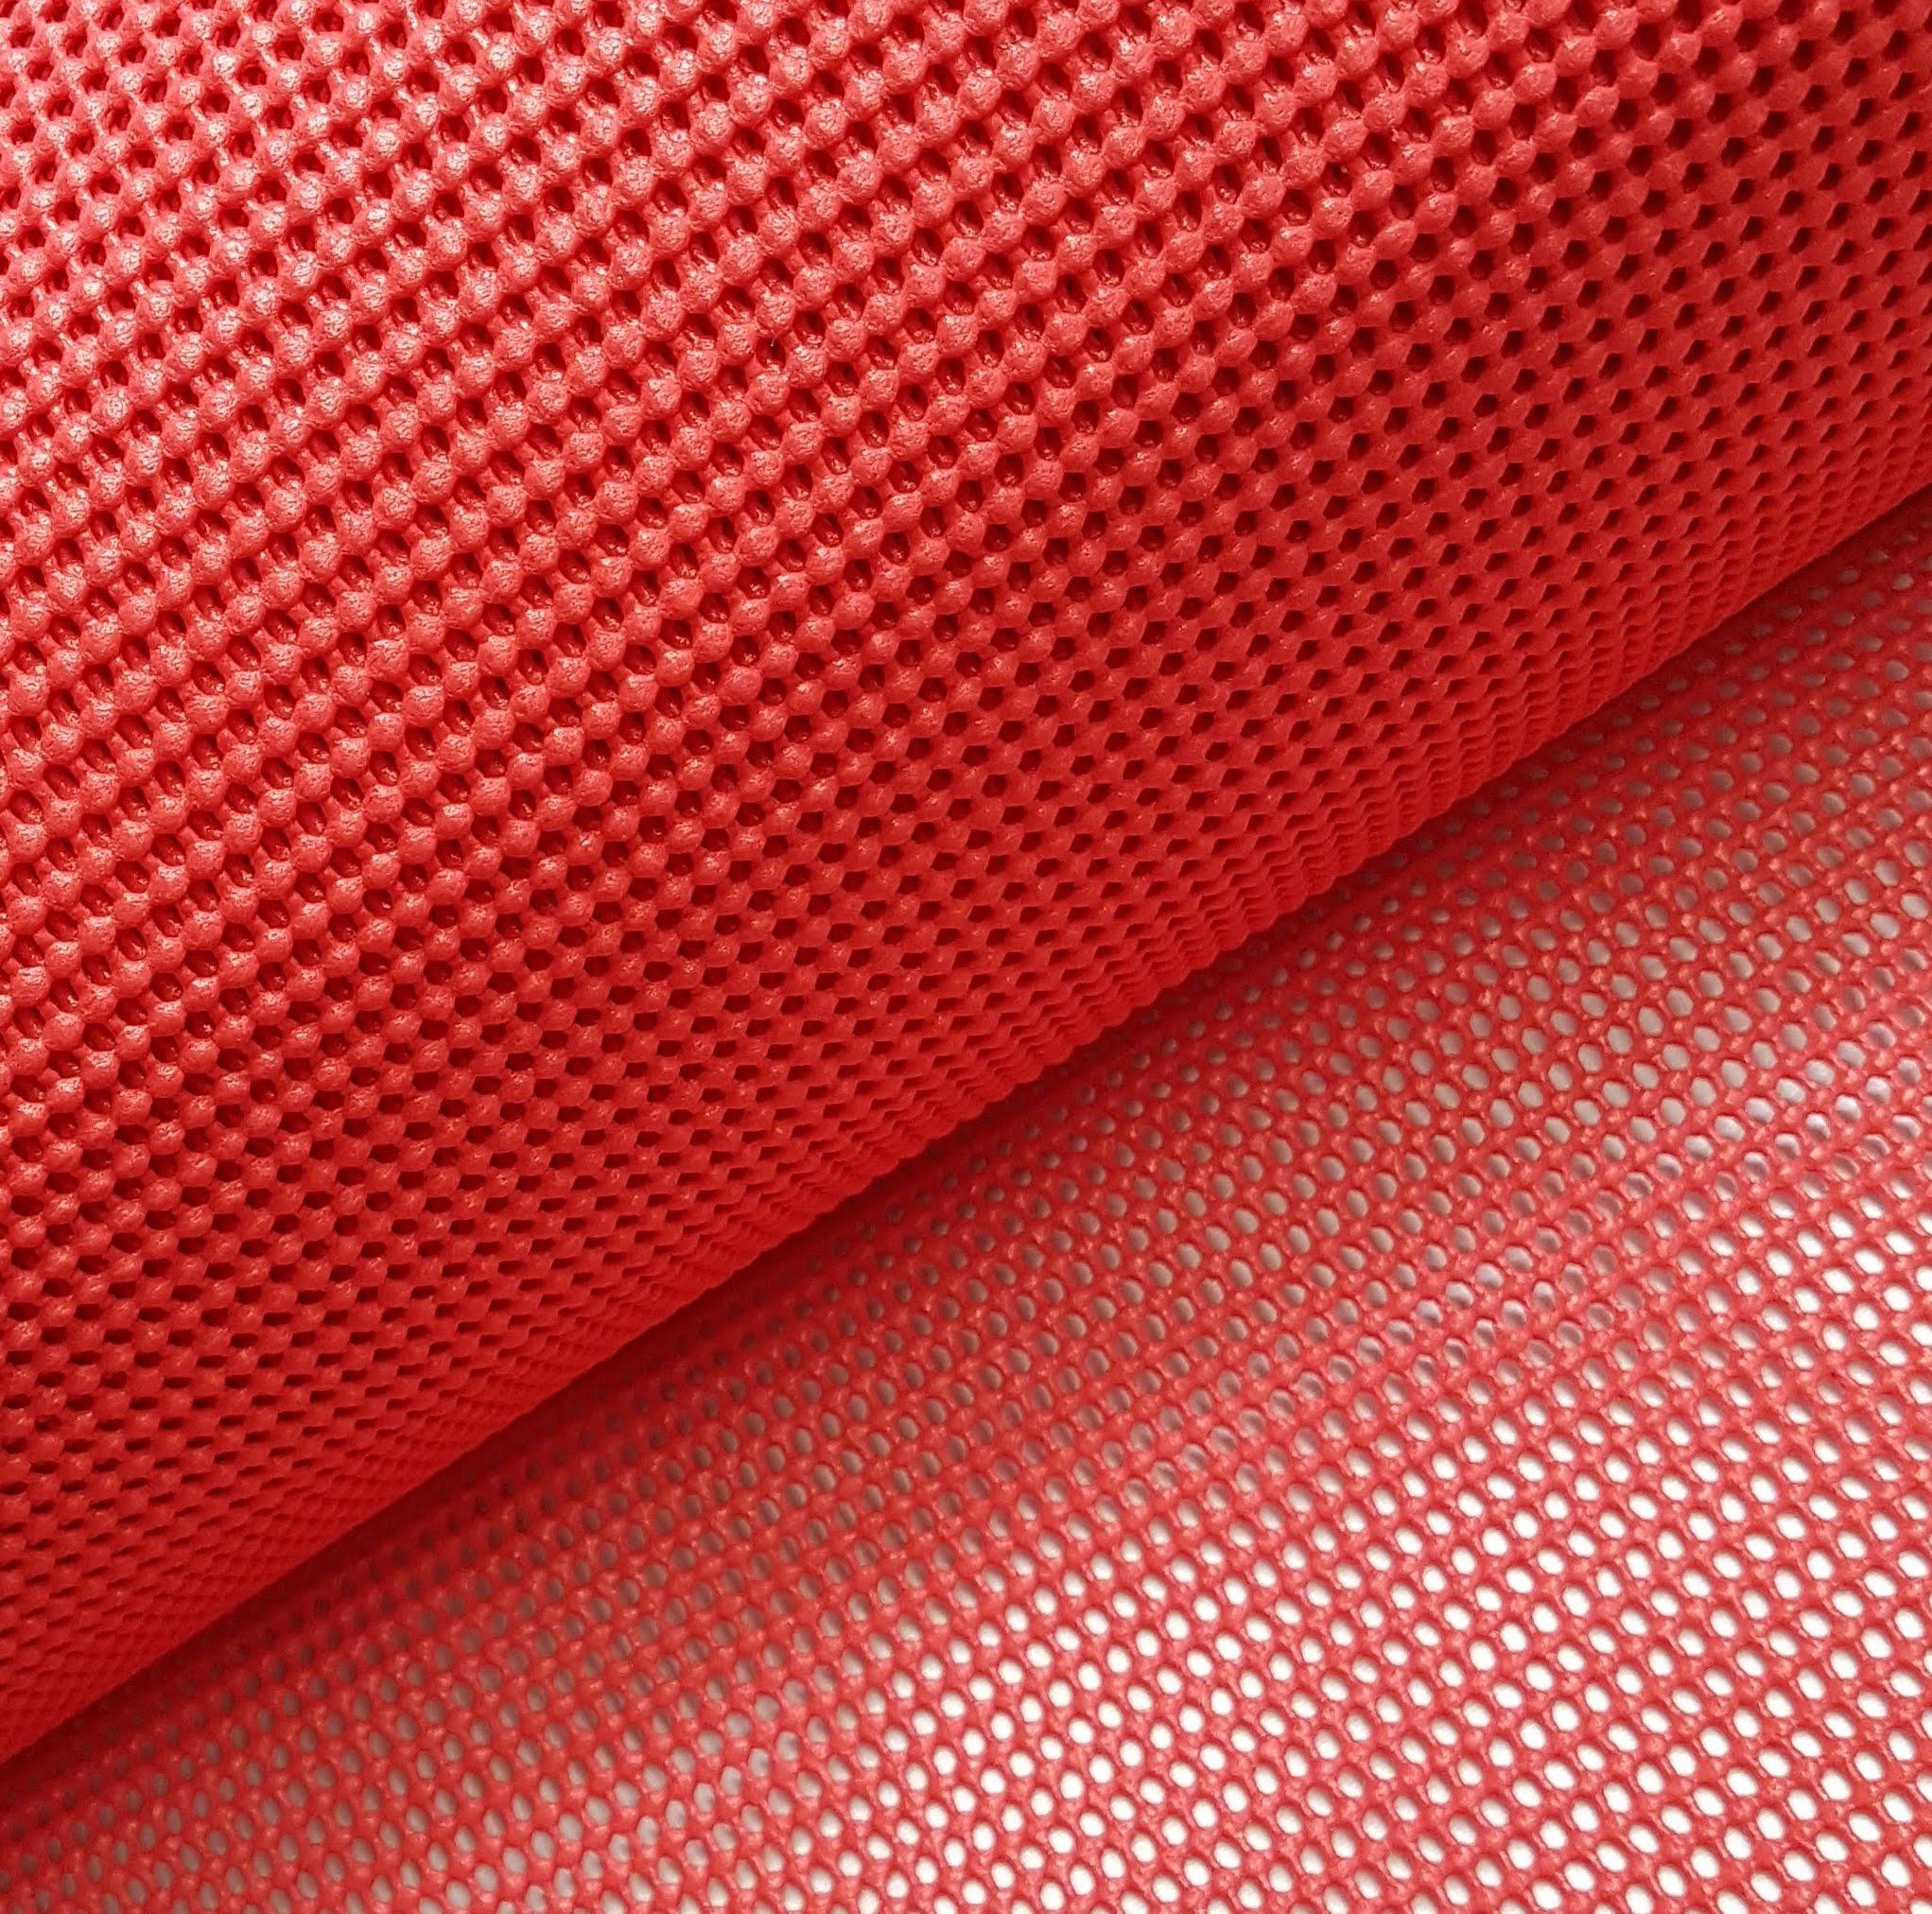 Tela Antiderrapante Vermelho Largura 120cm